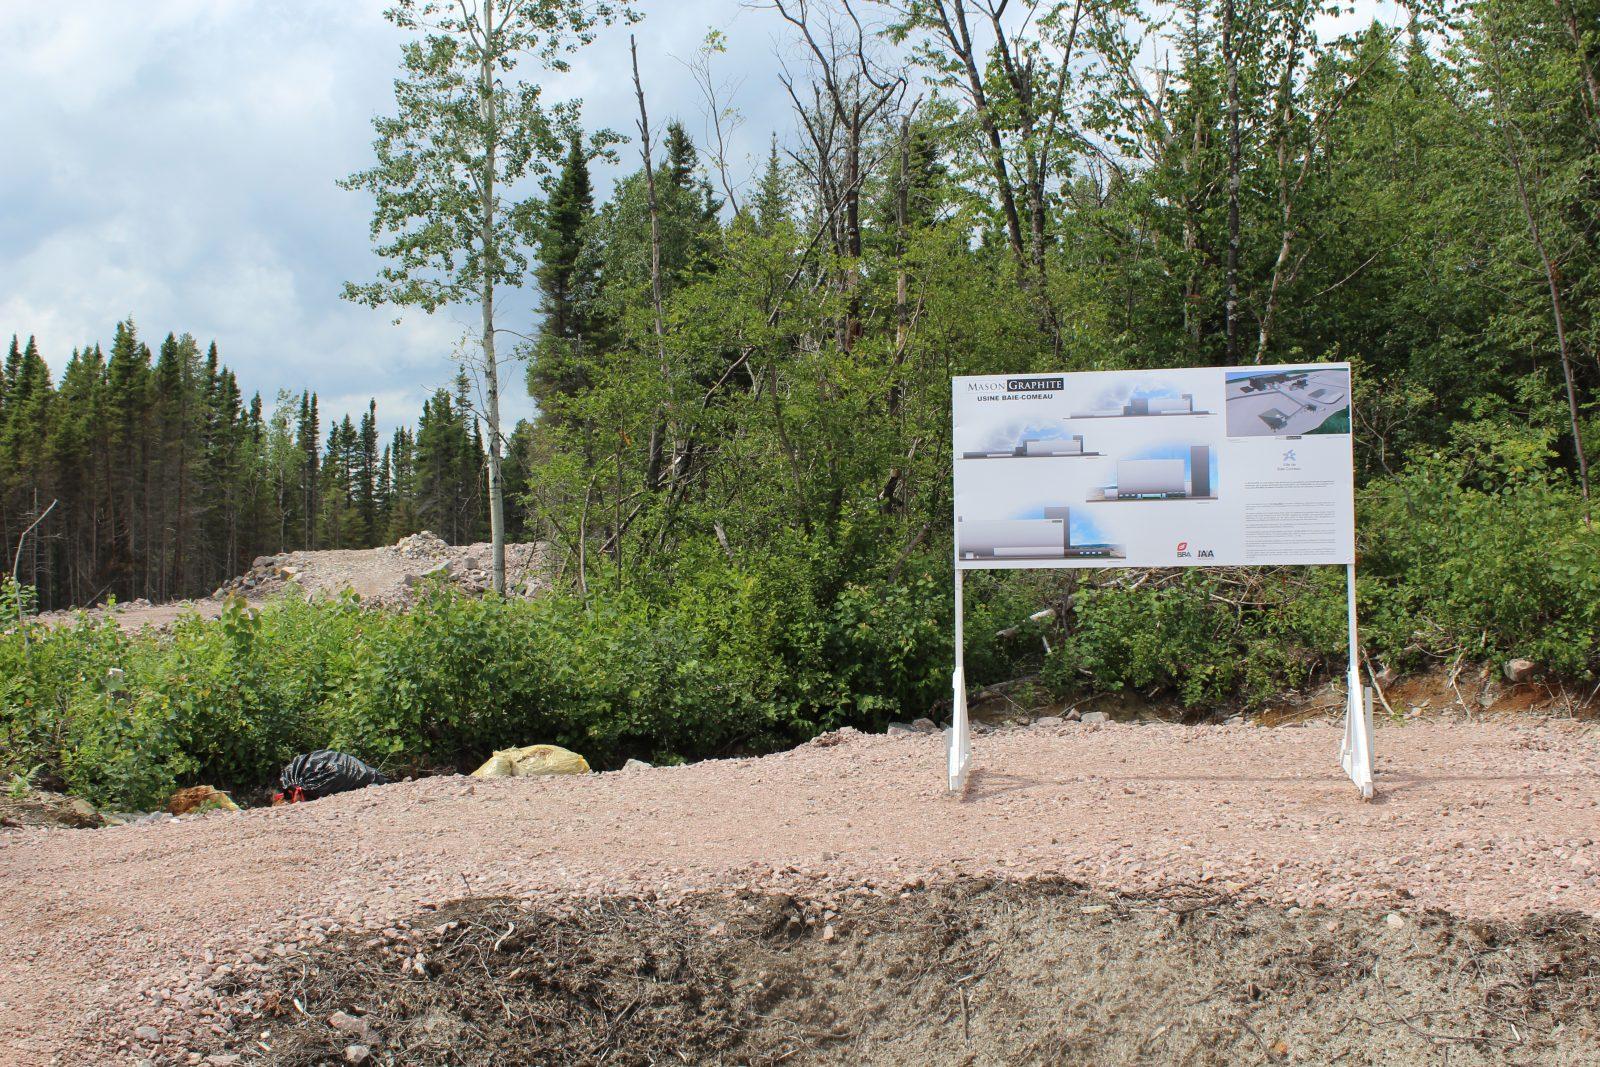 L'usine de Baie-Comeau reste une priorité pour Mason Graphite, assure l'entreprise